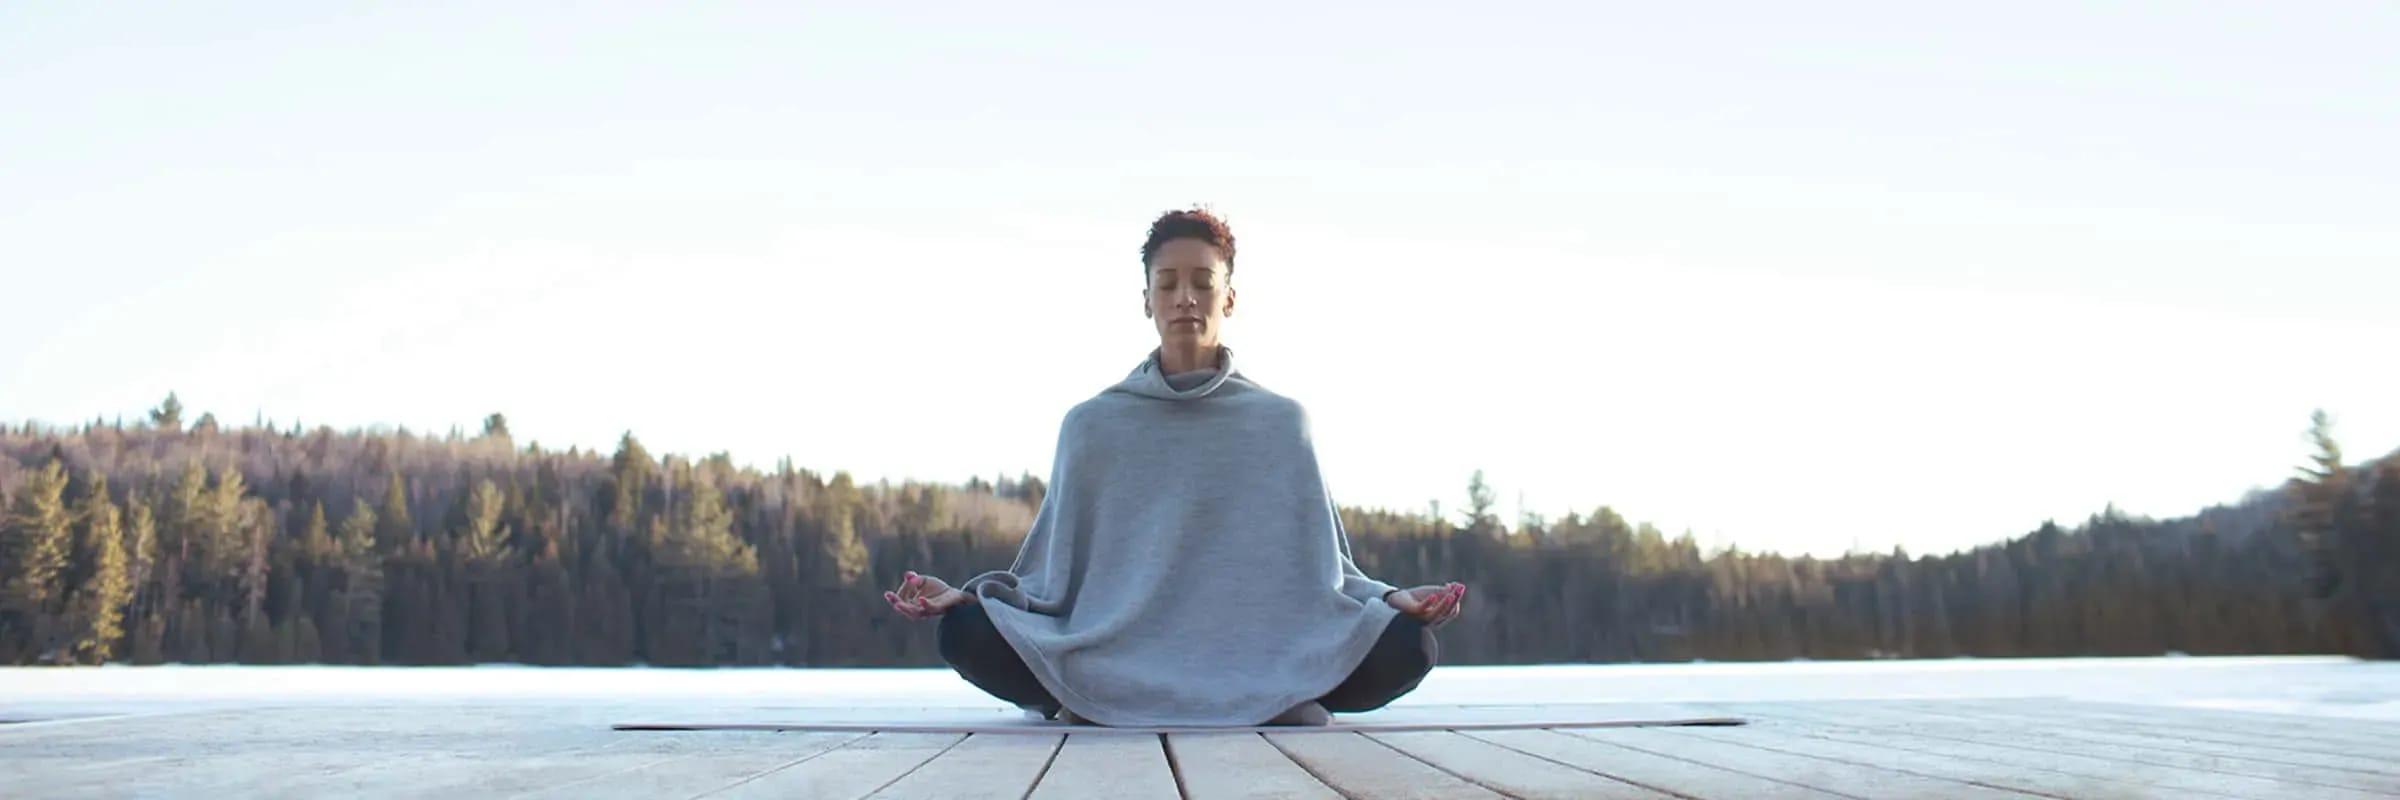 Comment pratiquer le yoga à la maison